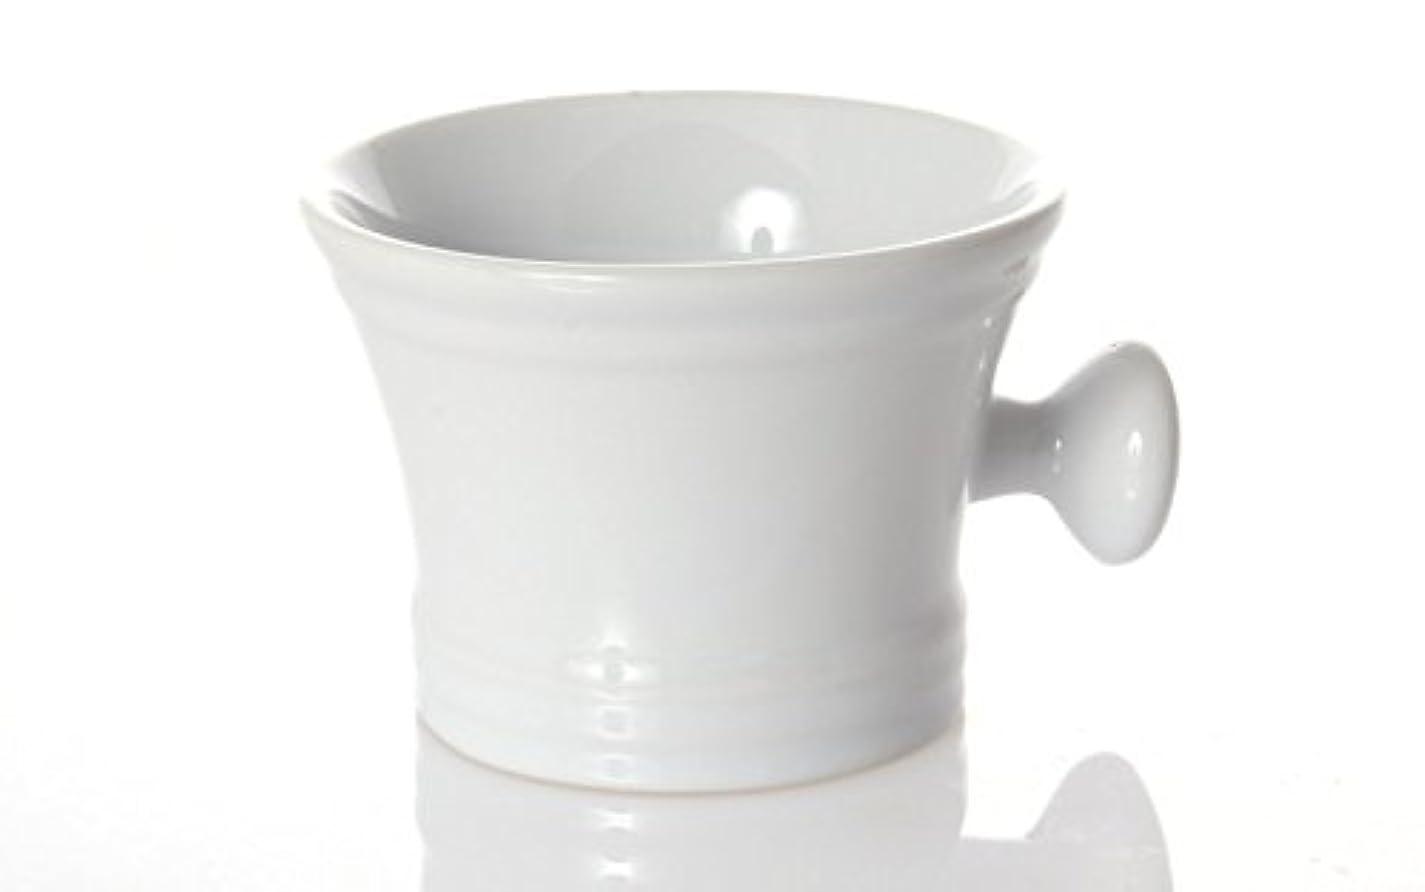 通り抜ける虐殺大きさErbe soap dish, ceramics, white